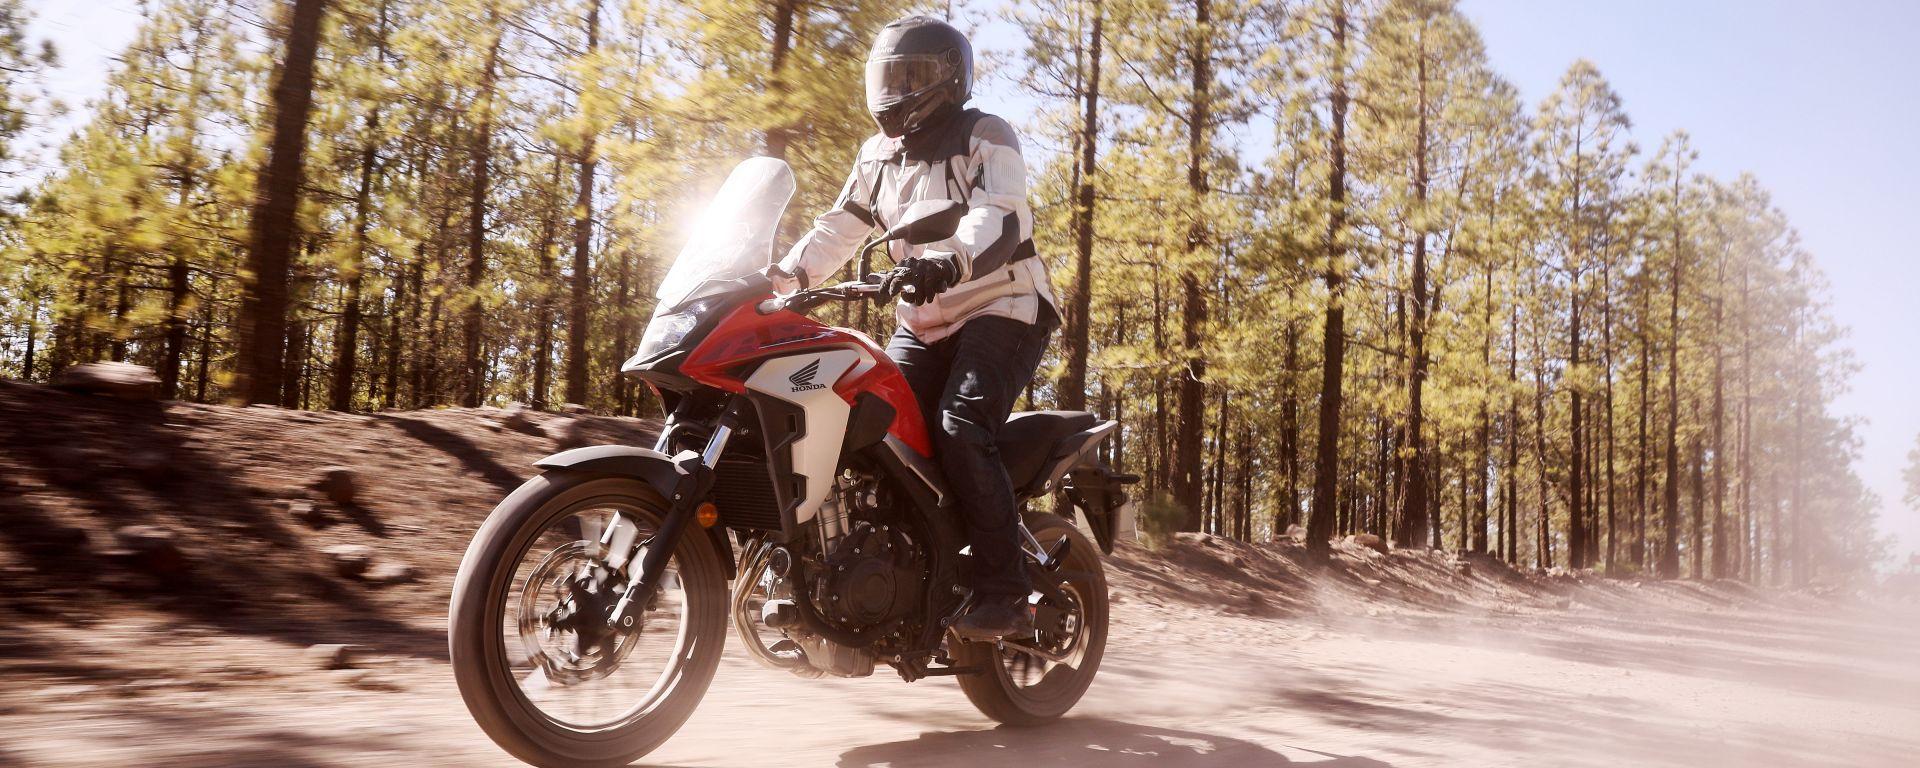 Honda CB500X 2019: la prova  su strada e in off-road